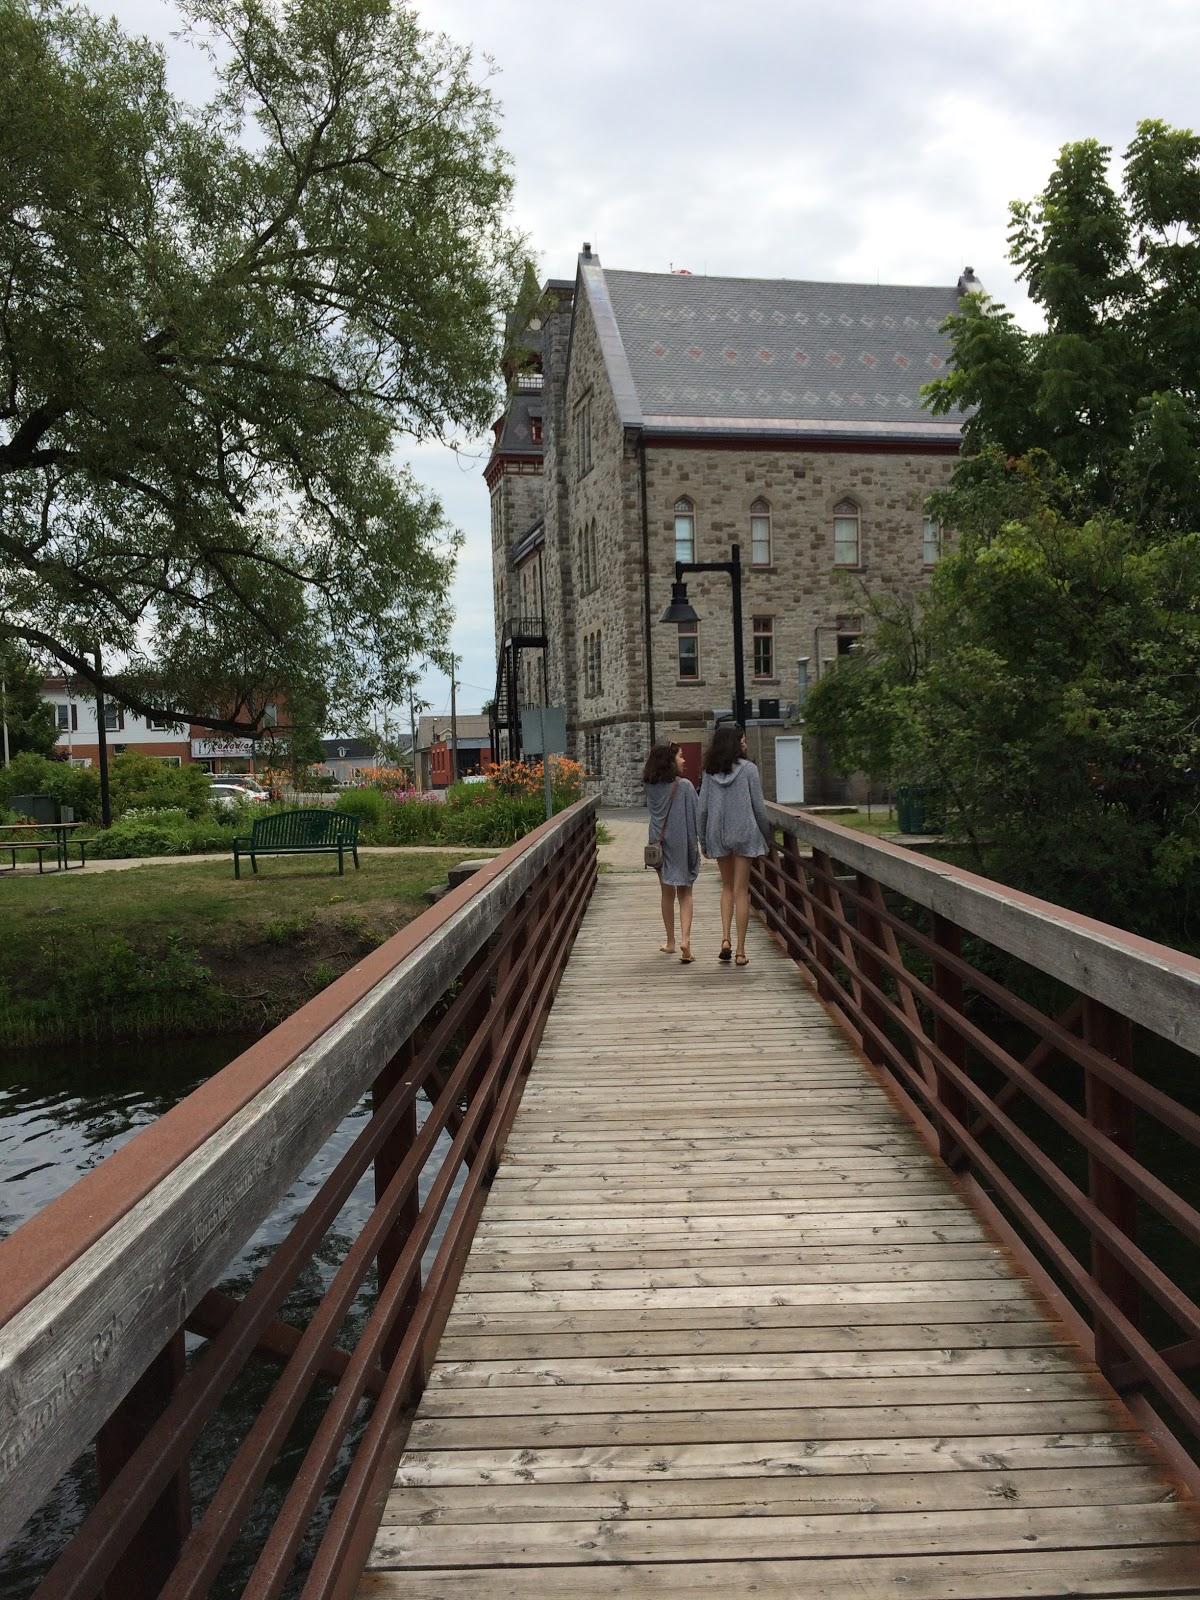 Boardwalk in Almonte, Ontario